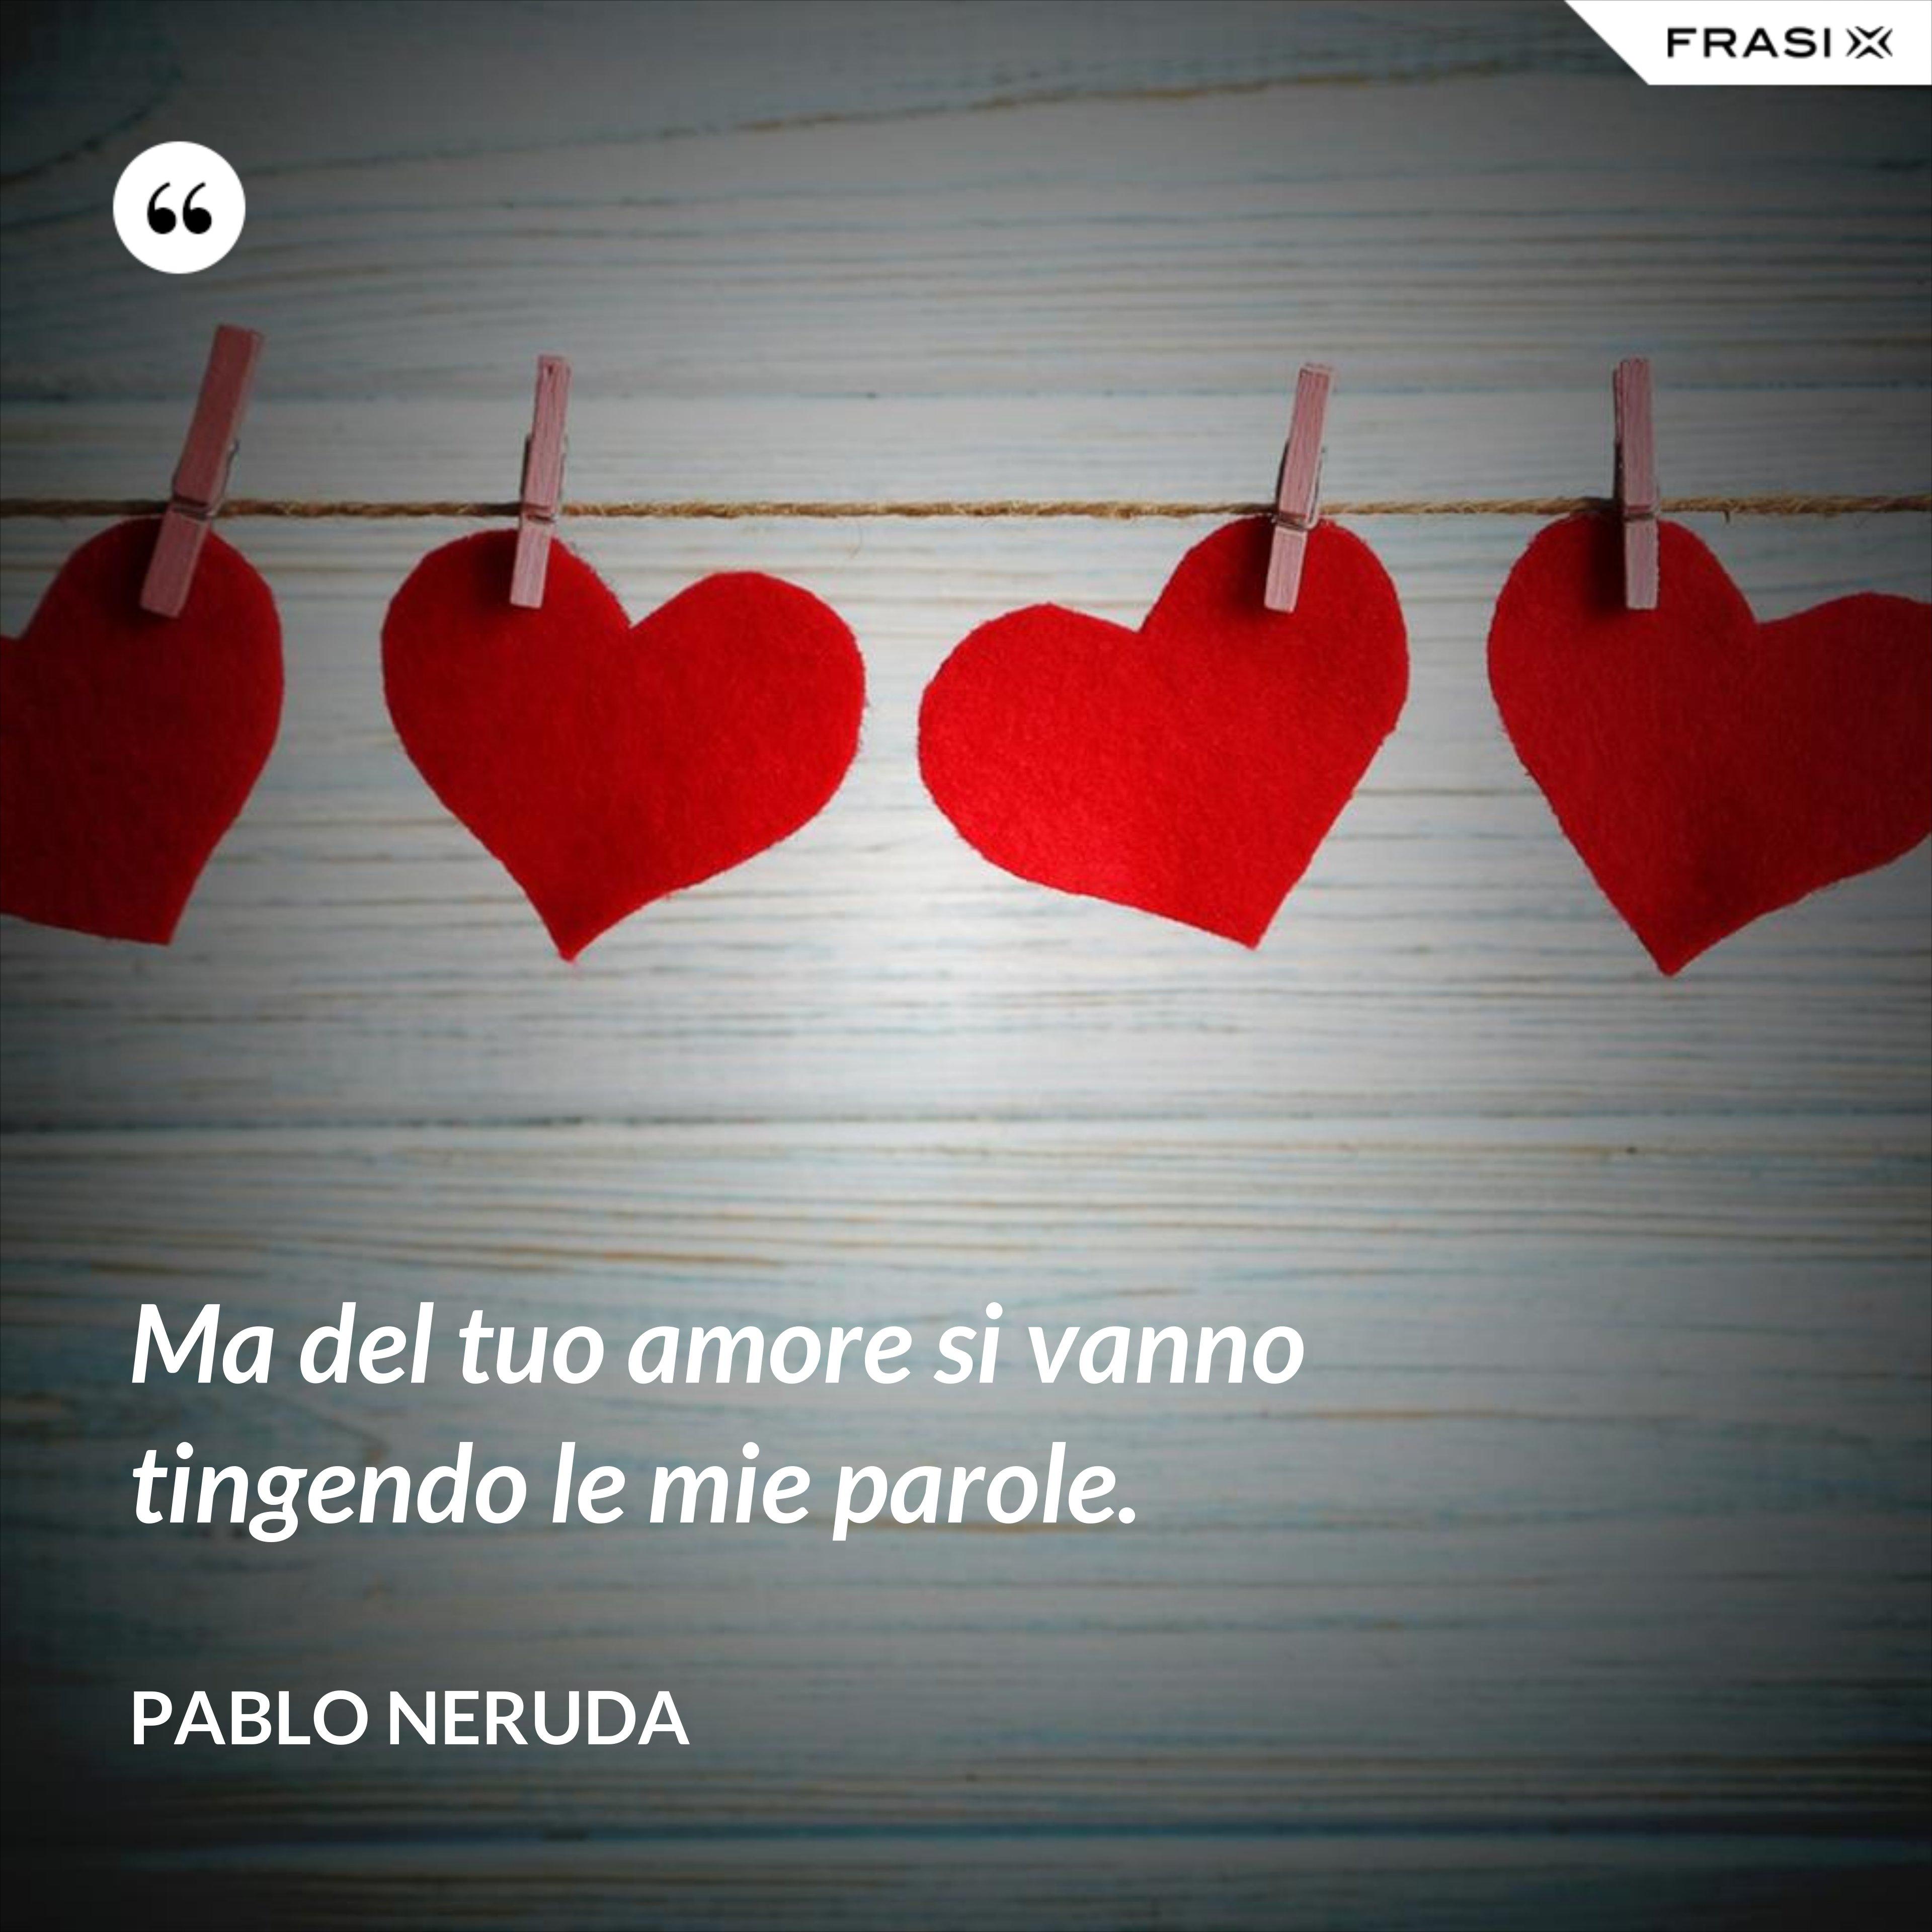 Ma del tuo amore si vanno tingendo le mie parole. - Pablo Neruda